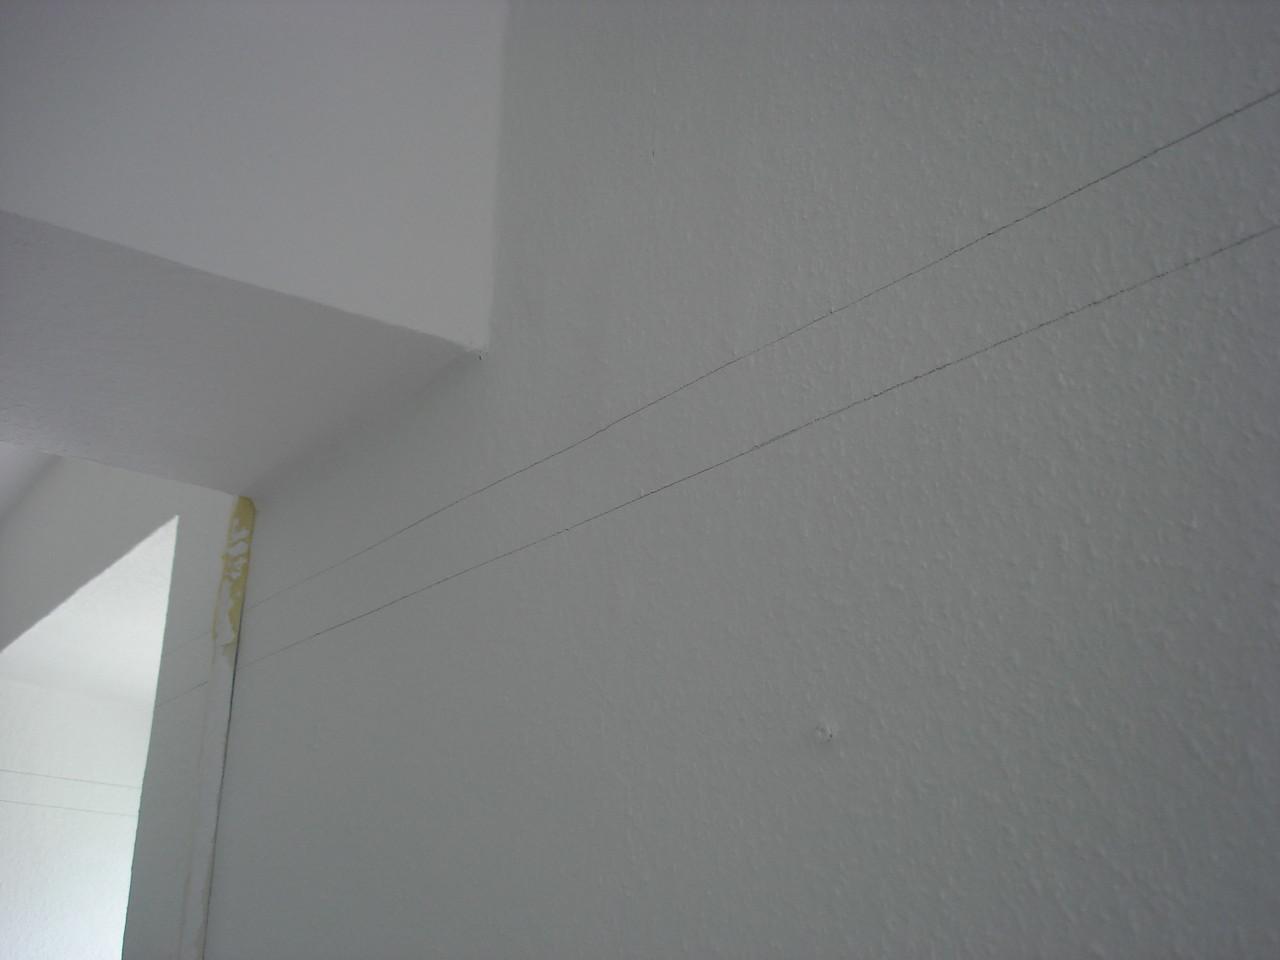 Erste Linien werden mit Bleistift gezogen, um den weißen Wänden später einen Hauch von Farbe zu verpassen